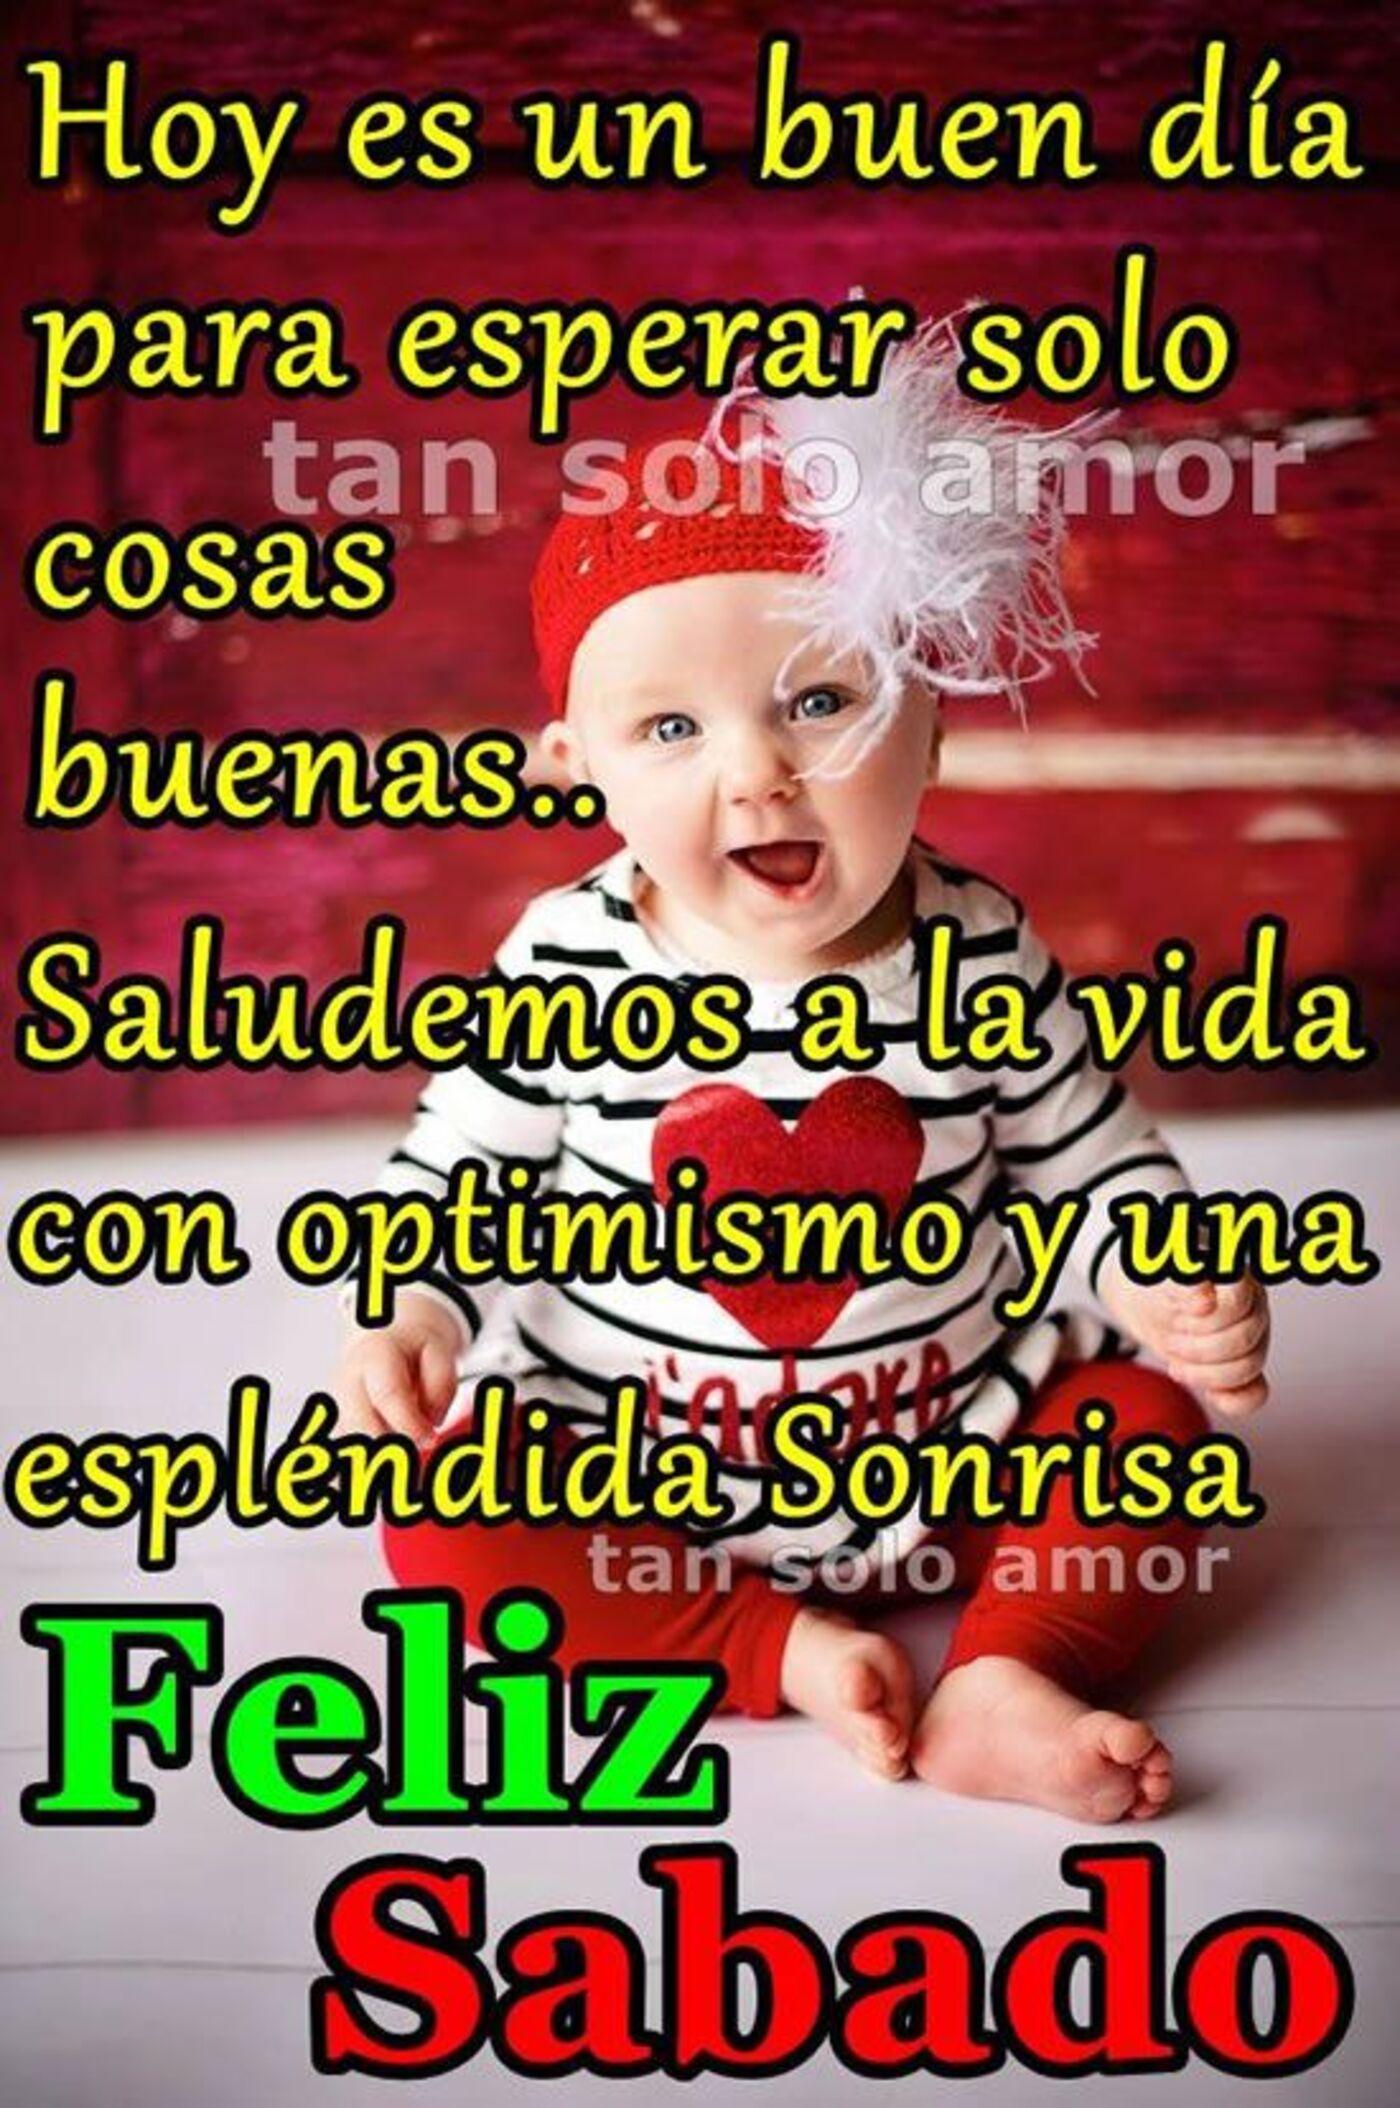 Hoy es un buen día para esperar solo cosas buenas..Saludemos a la vida con optimismo y una esplendida sonrisa! Feliz sabado